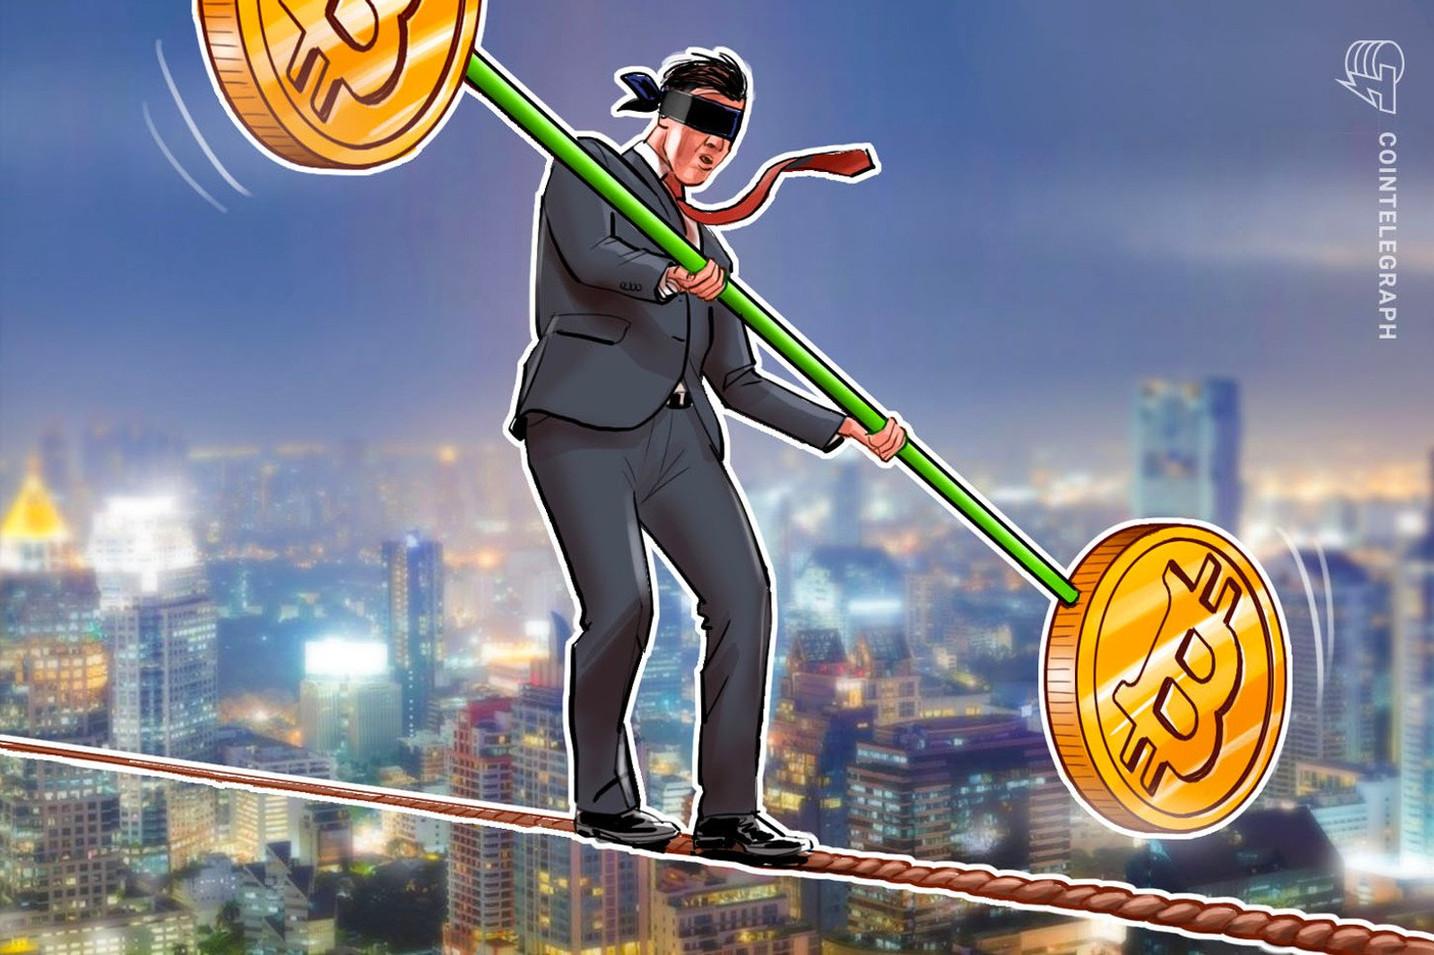 仮想通貨ビットコインに反発の兆し?BTC先物で資金調達率が低下